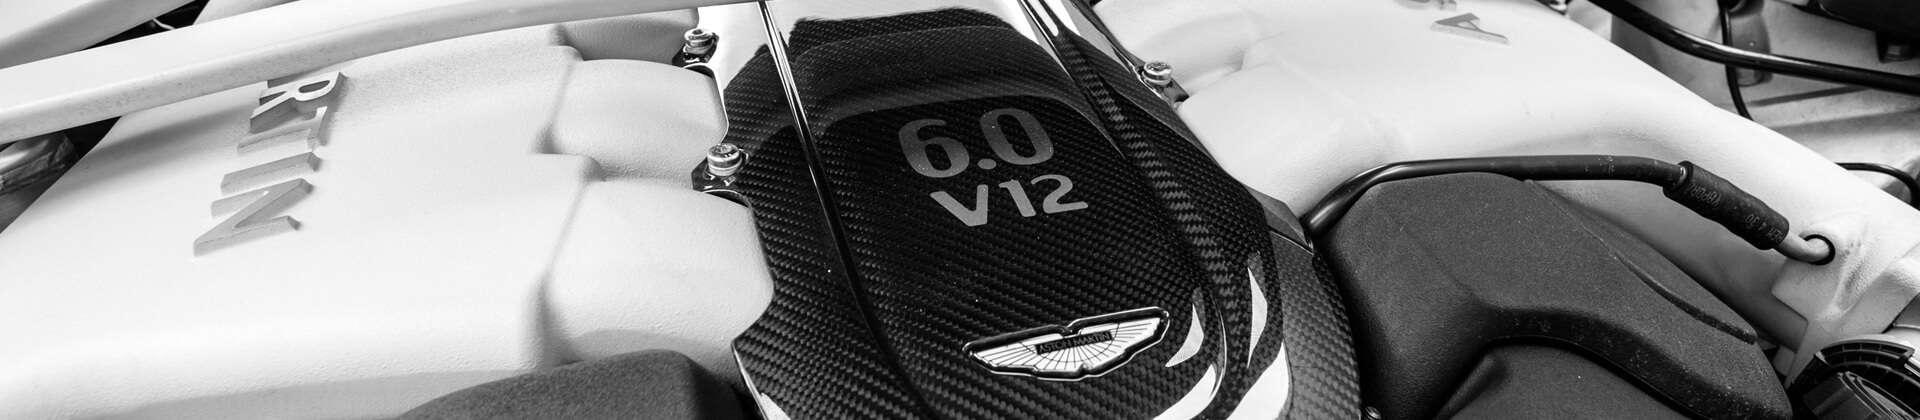 Aston Martin Vantage Power Upgrades